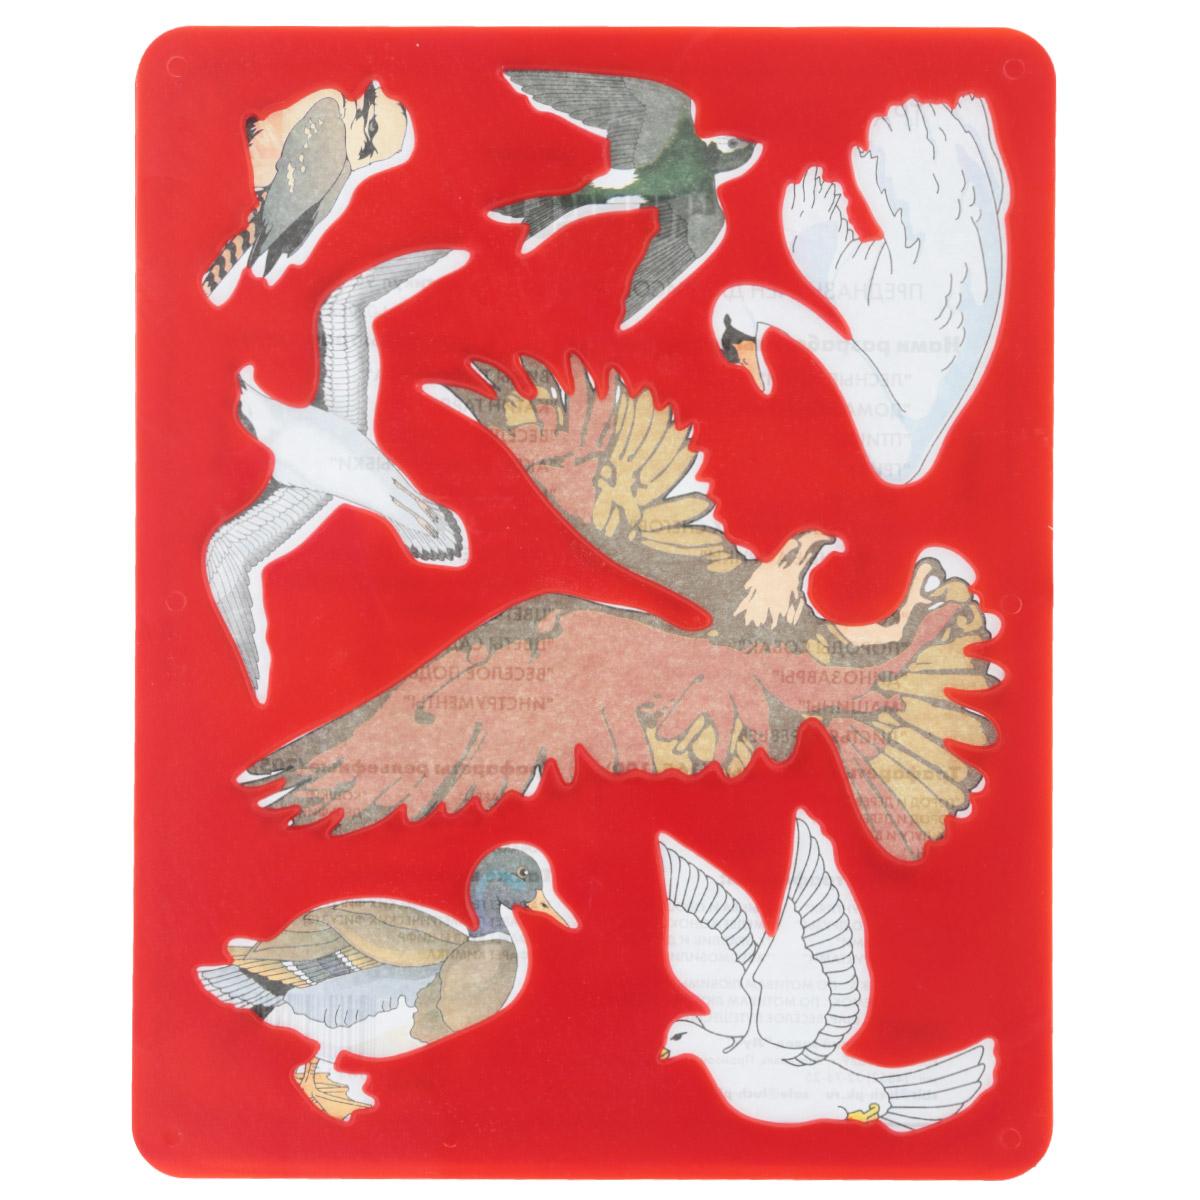 Луч Трафарет прорезной Птицы цвет красный9С 449-08Трафарет Луч Птицы, выполненный из безопасного пластика, предназначен для детского творчества. По трафарету маленькие художники смогут нарисовать и отдельных птиц, и сюжетные картинки. Для этого необходимо положить трафарет на лист бумаги, обвести фигуру по контуру и раскрасить по своему вкусу или глядя на цветную картинку-образец. Трафареты предназначены для развития у детей мелкой моторики и зрительно-двигательной координации, навыков художественной композиции и зрительного восприятия.